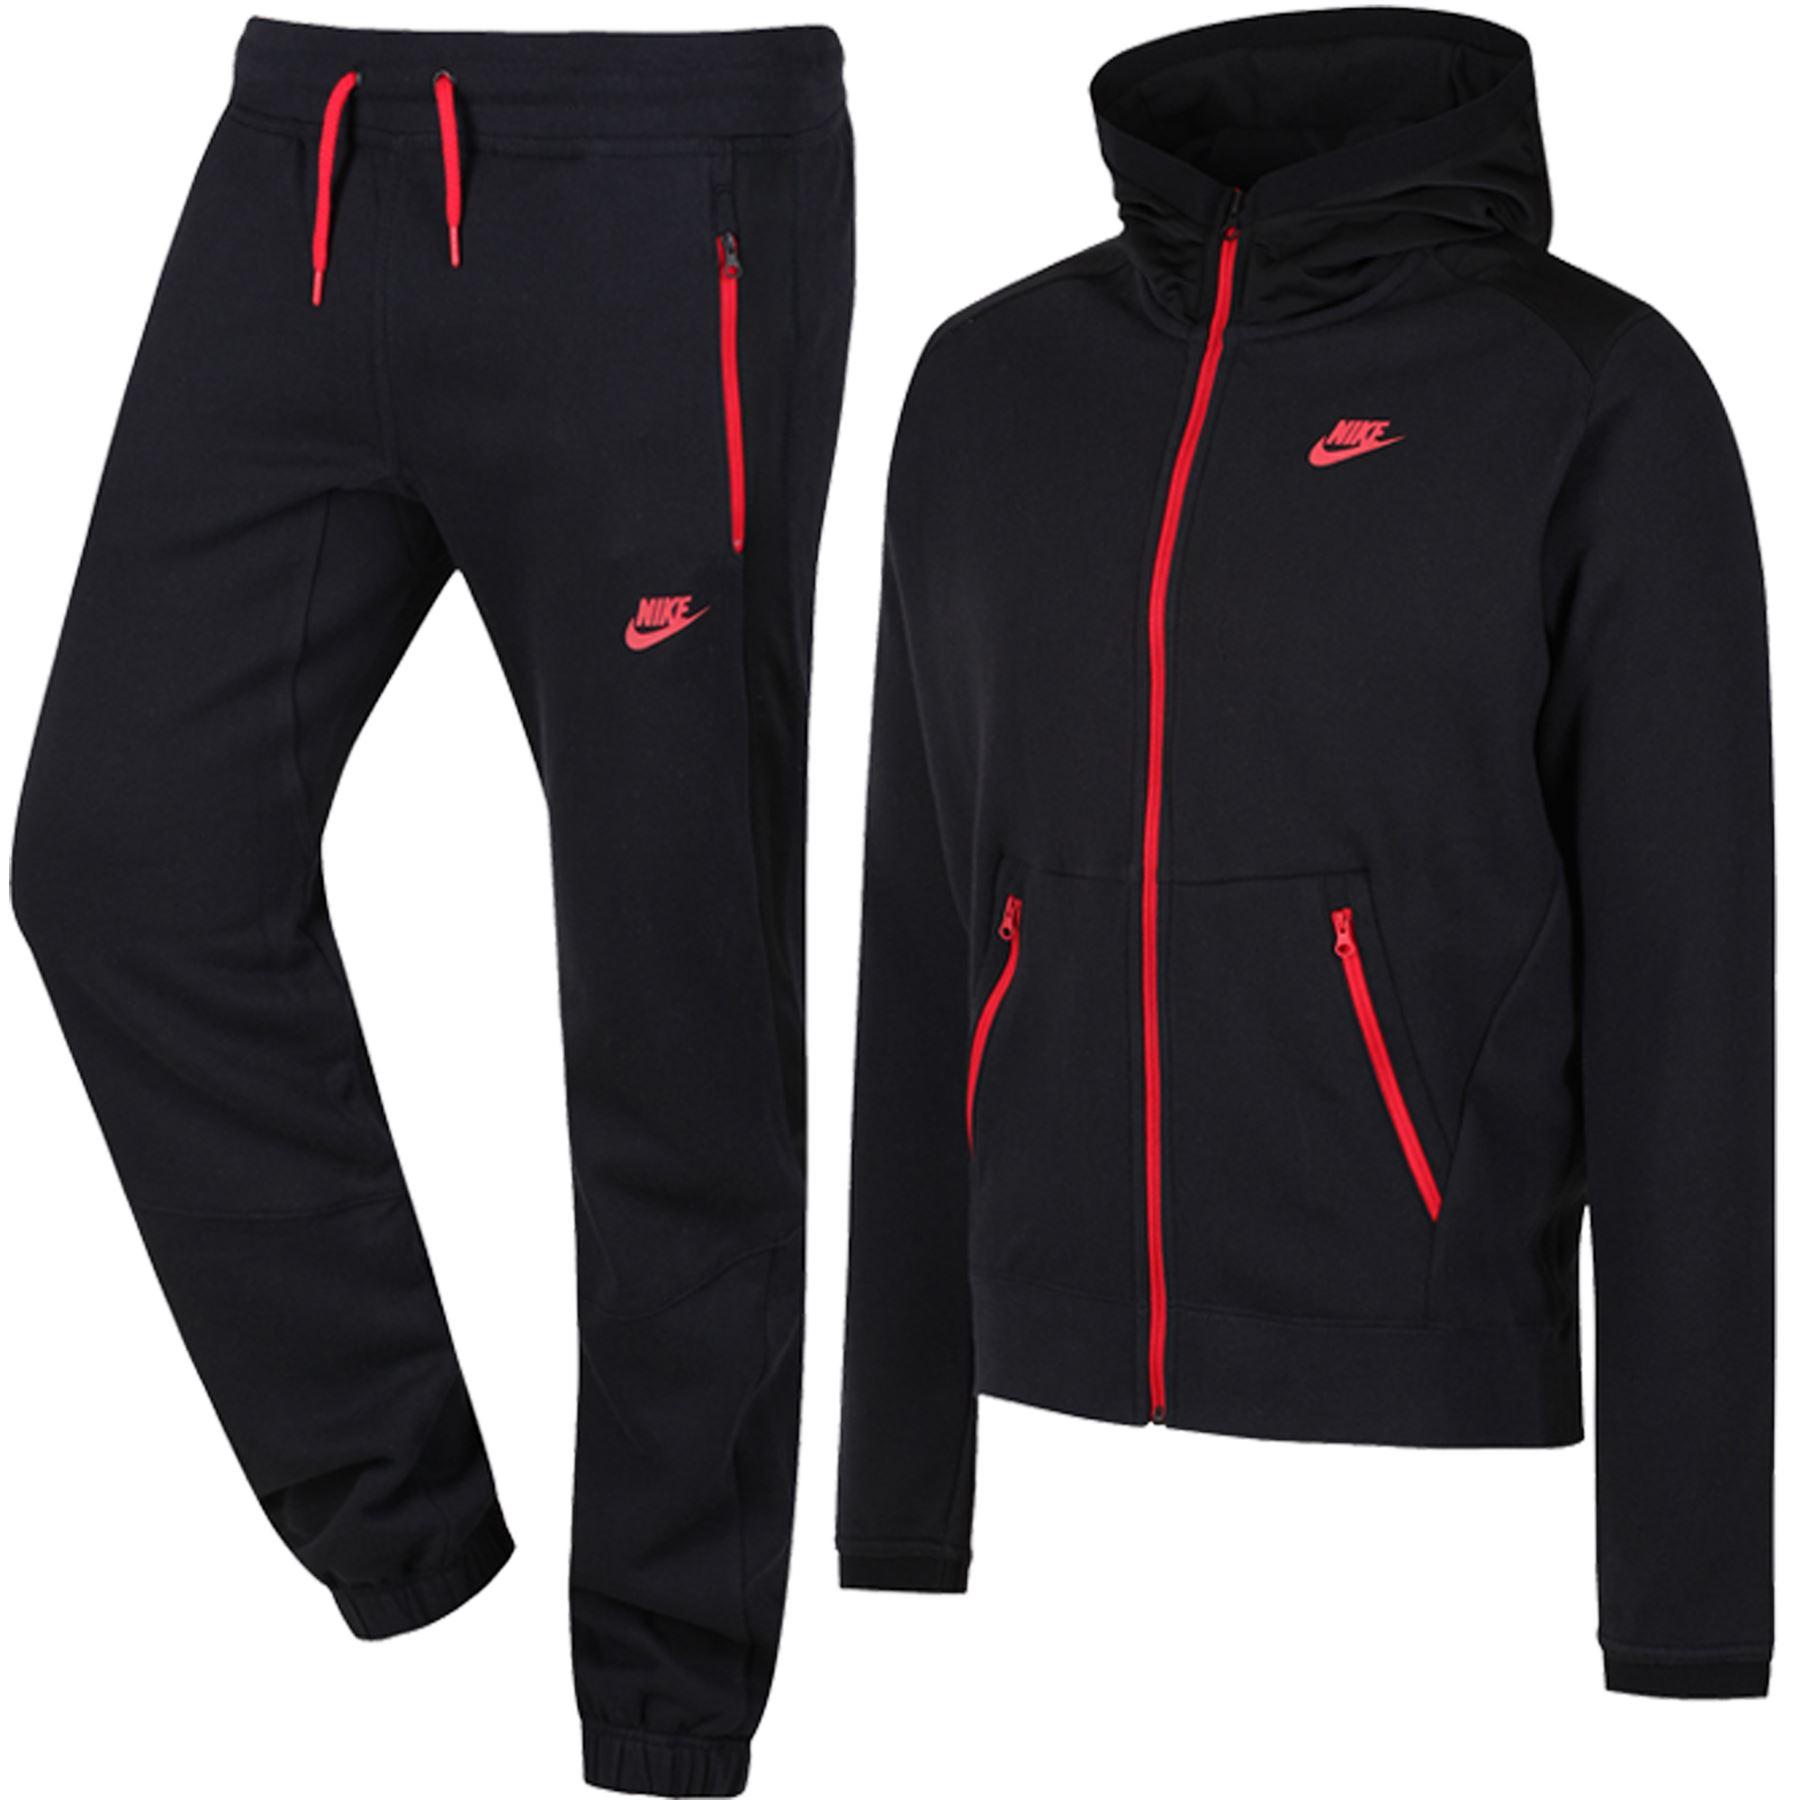 Offerte | Nike Tute da ginnastica Tute Da Ginnastica | JD